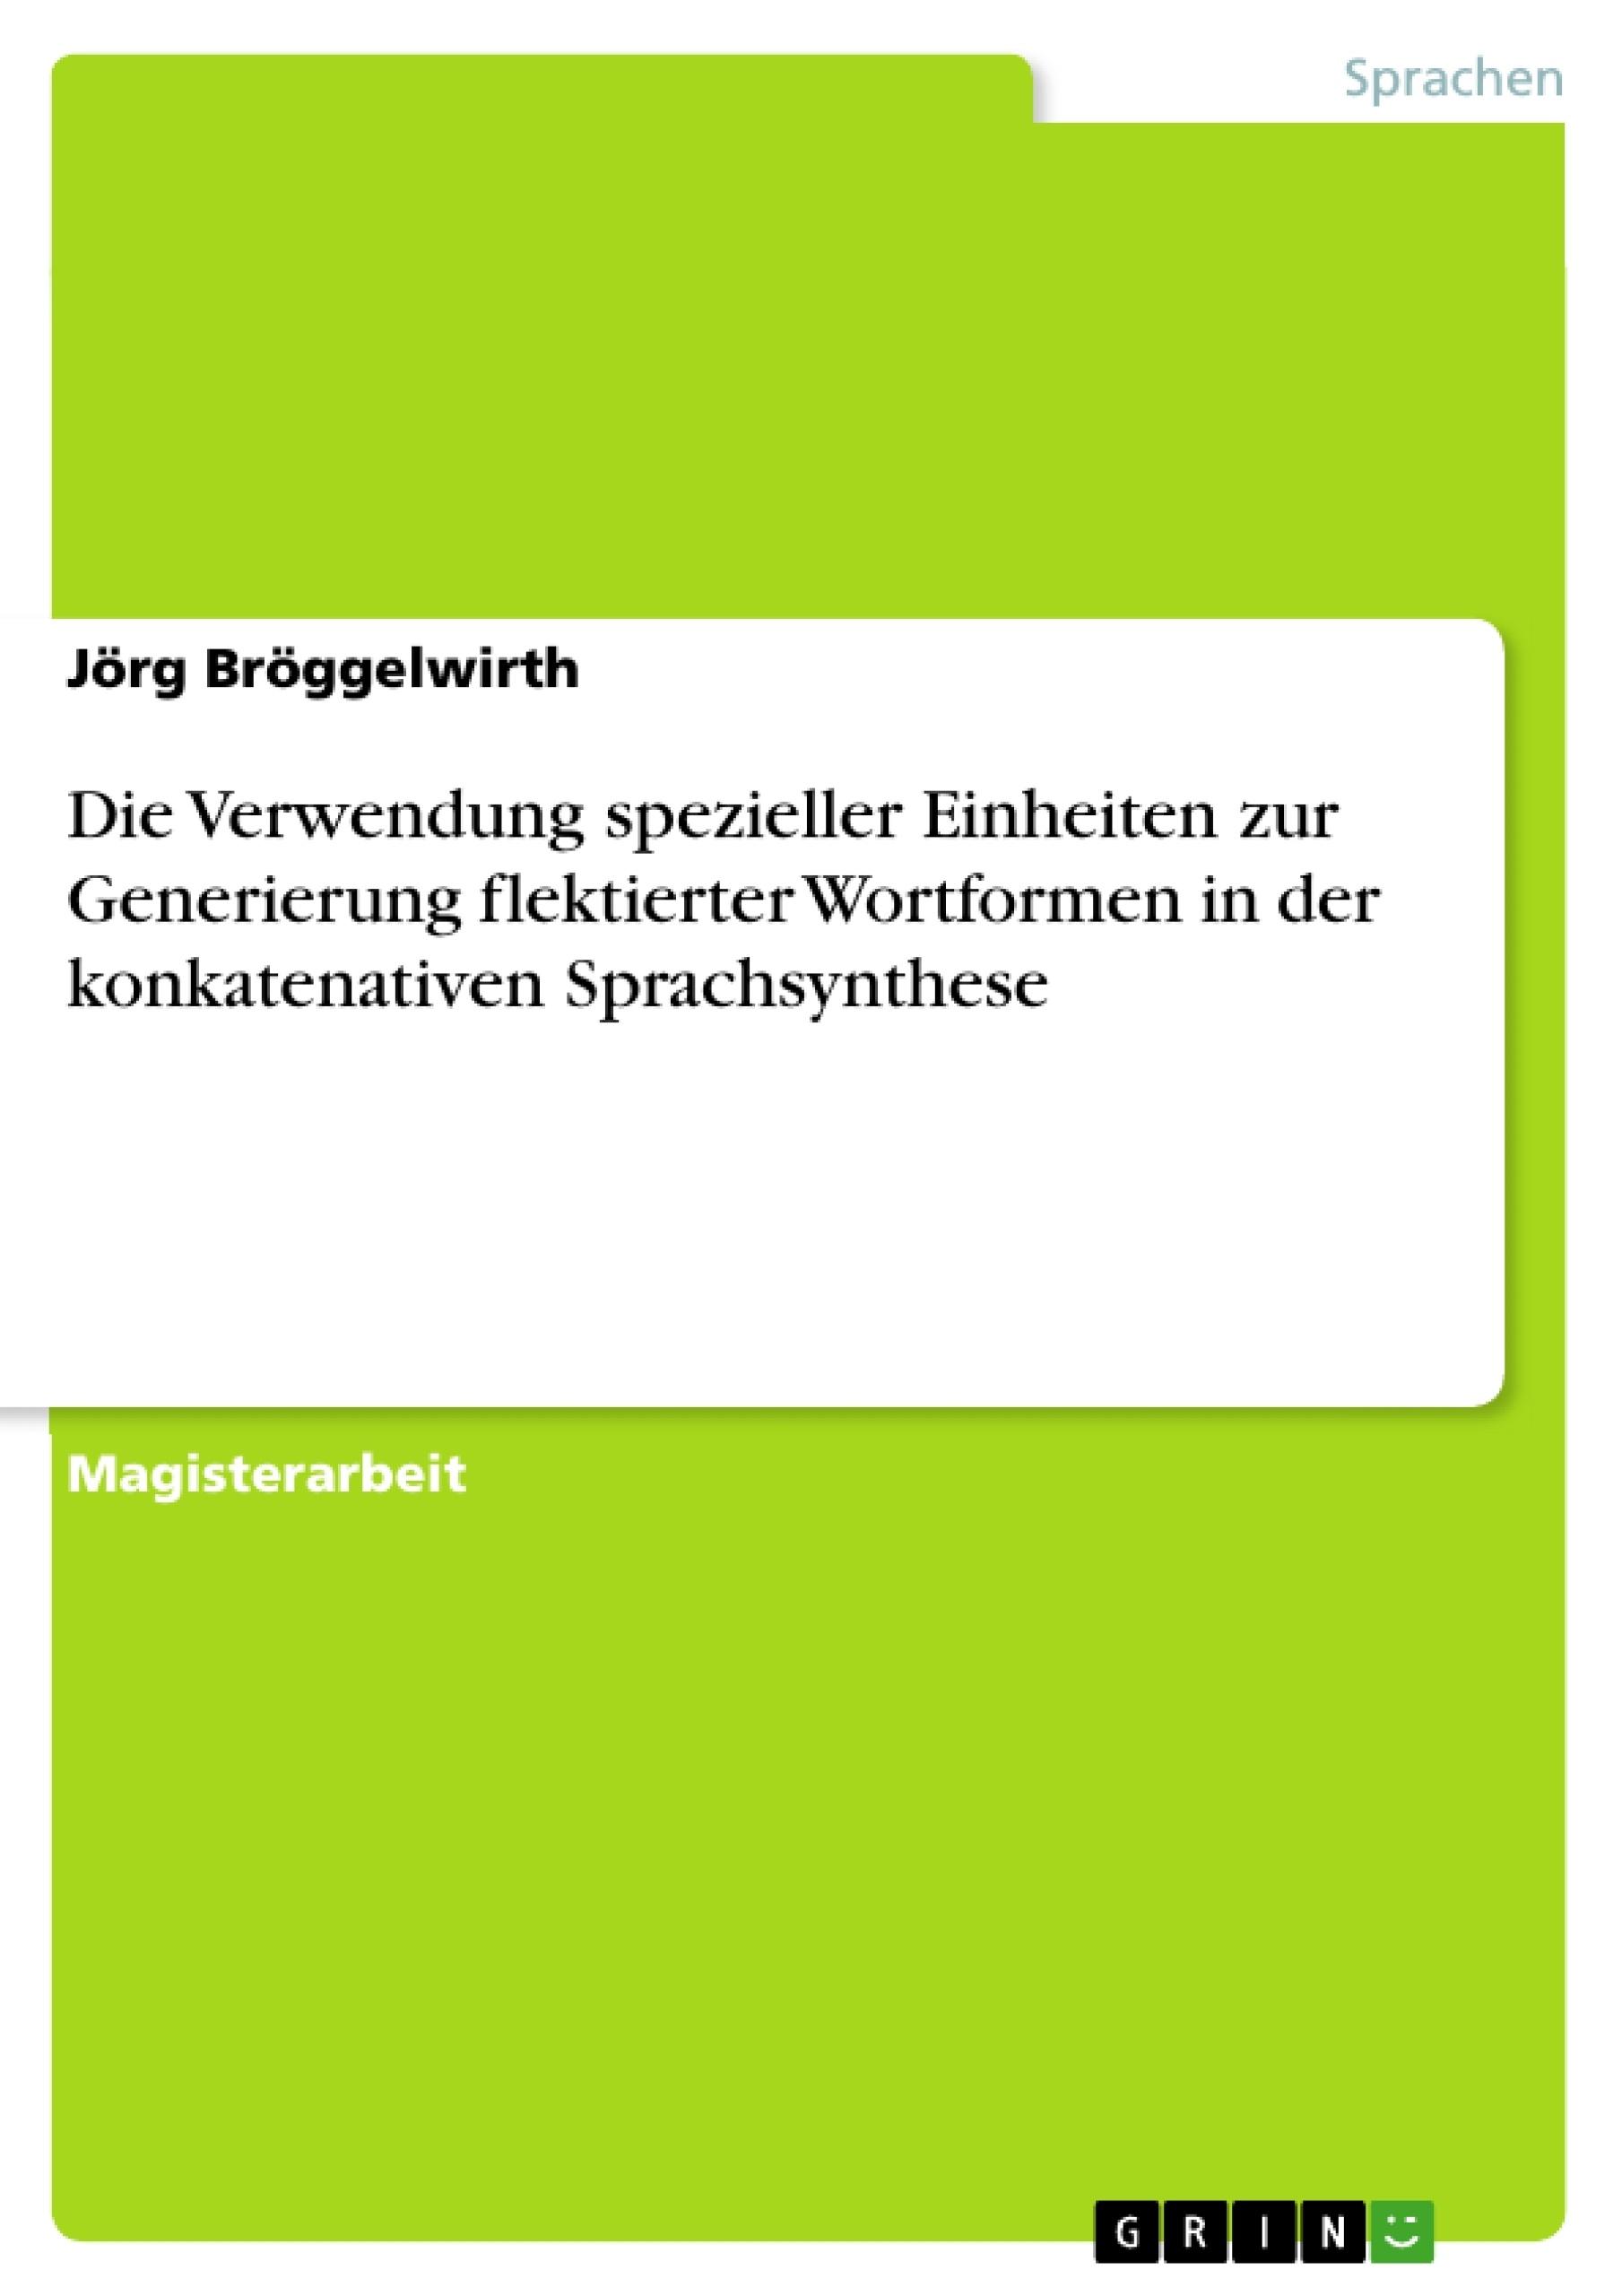 Titel: Die Verwendung spezieller Einheiten zur Generierung flektierter Wortformen in der konkatenativen Sprachsynthese